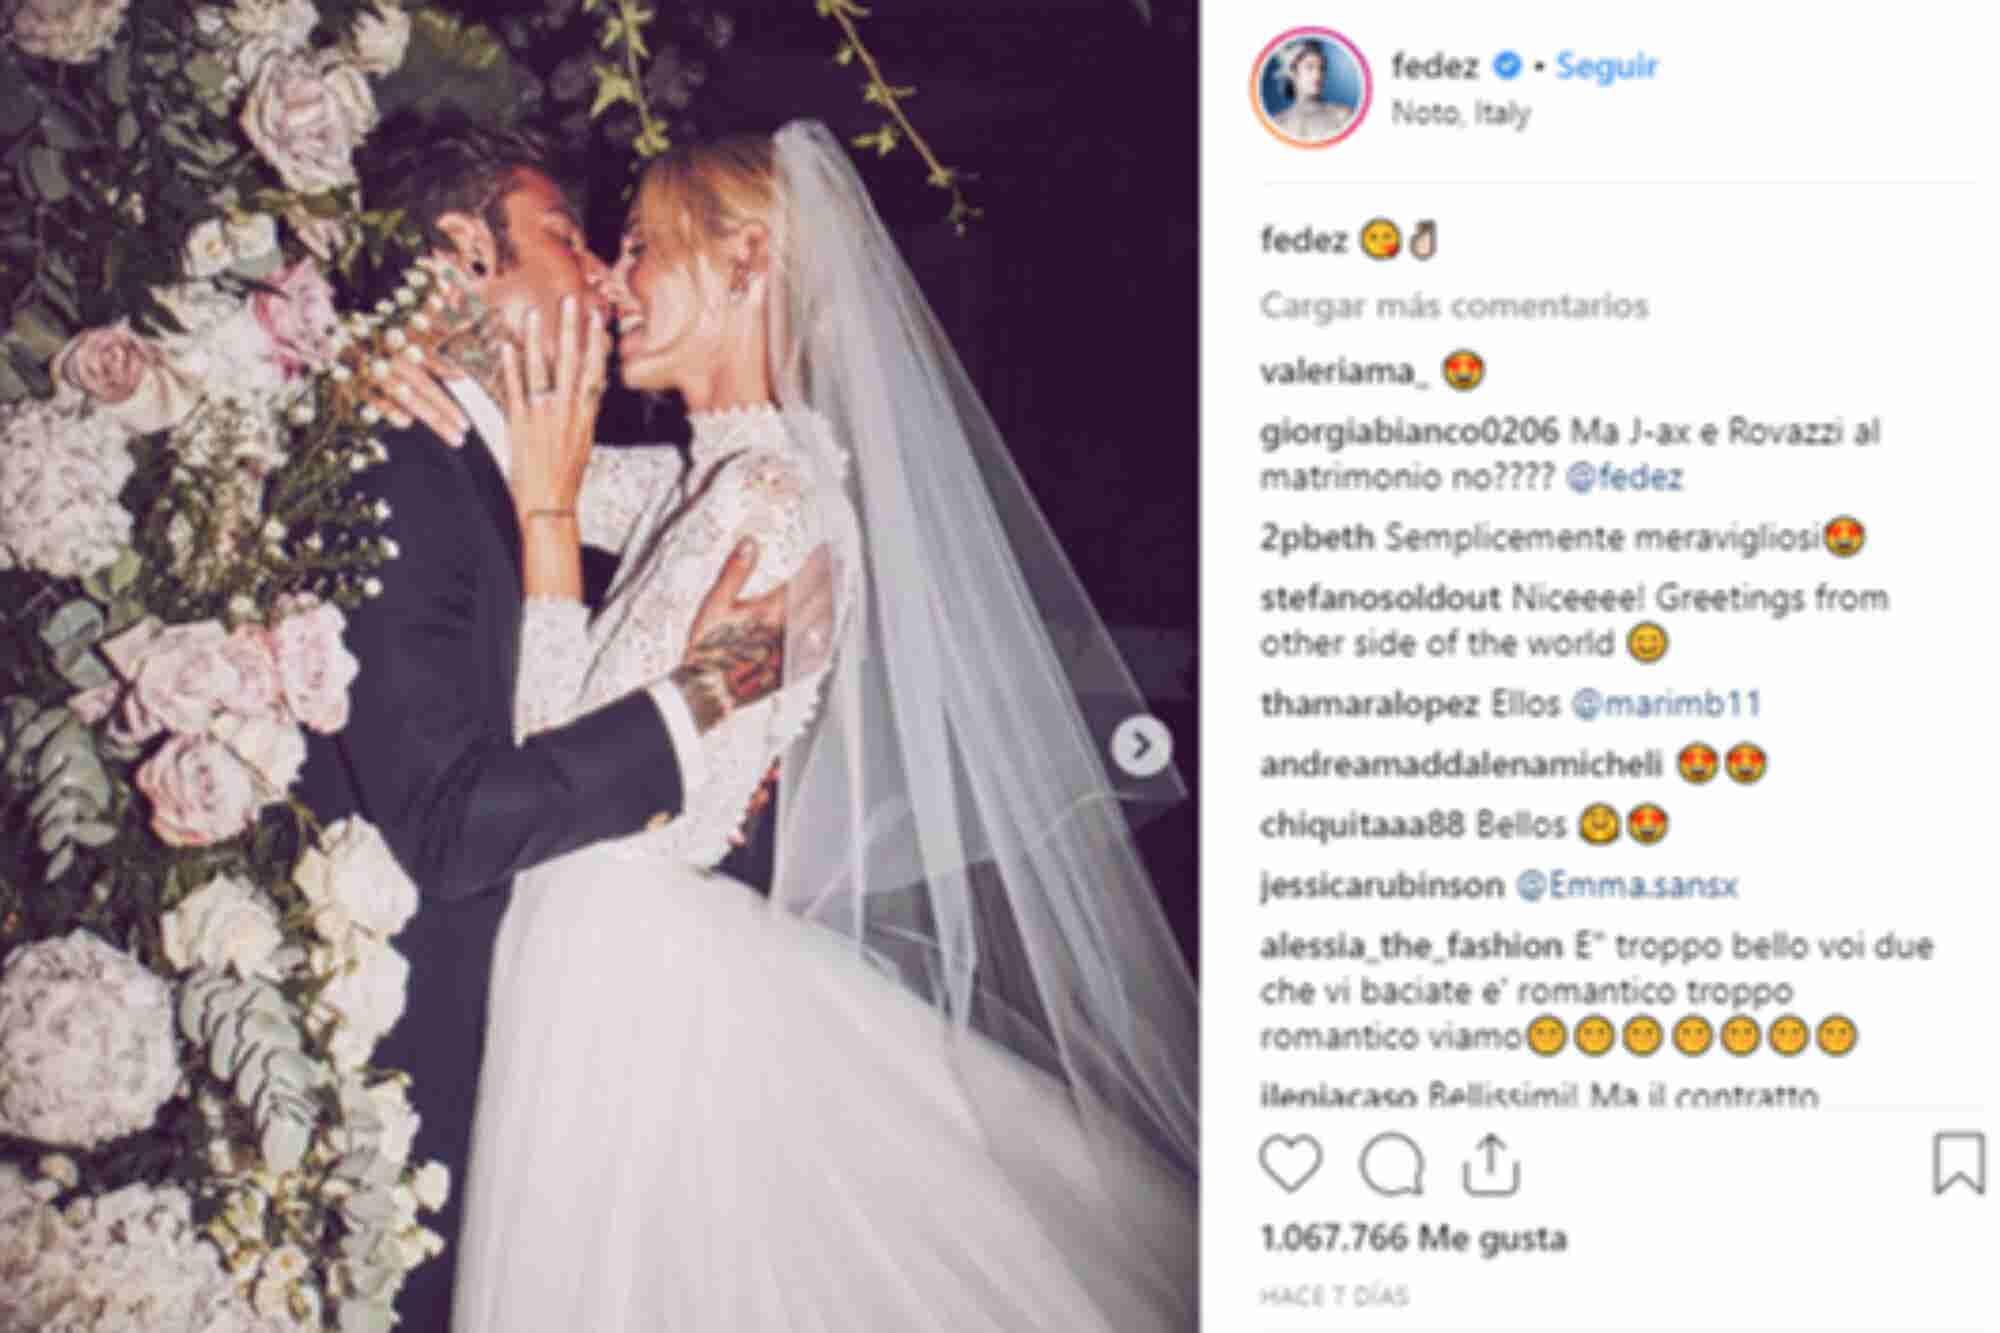 La boda de esta bloguera generó 5.6 millones de dólares para Dior